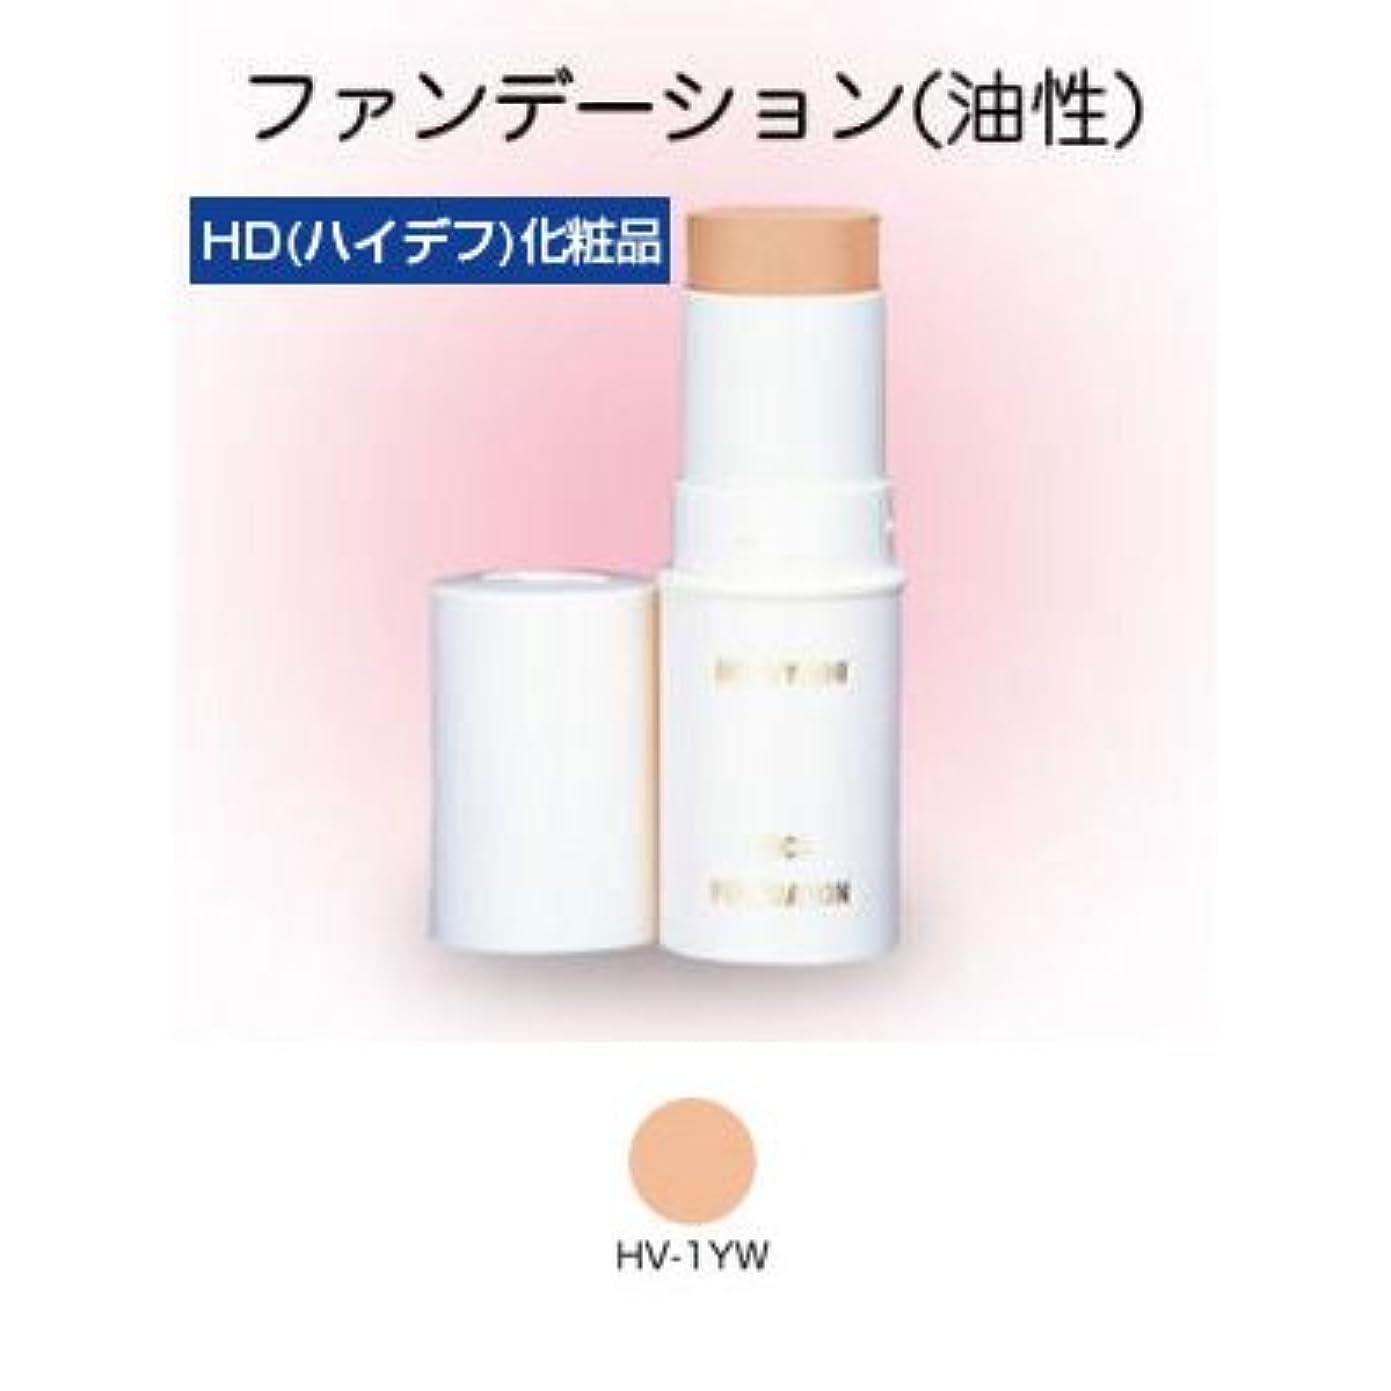 荒らすメディック受信スティックファンデーション HD化粧品 17g 1YW 【三善】